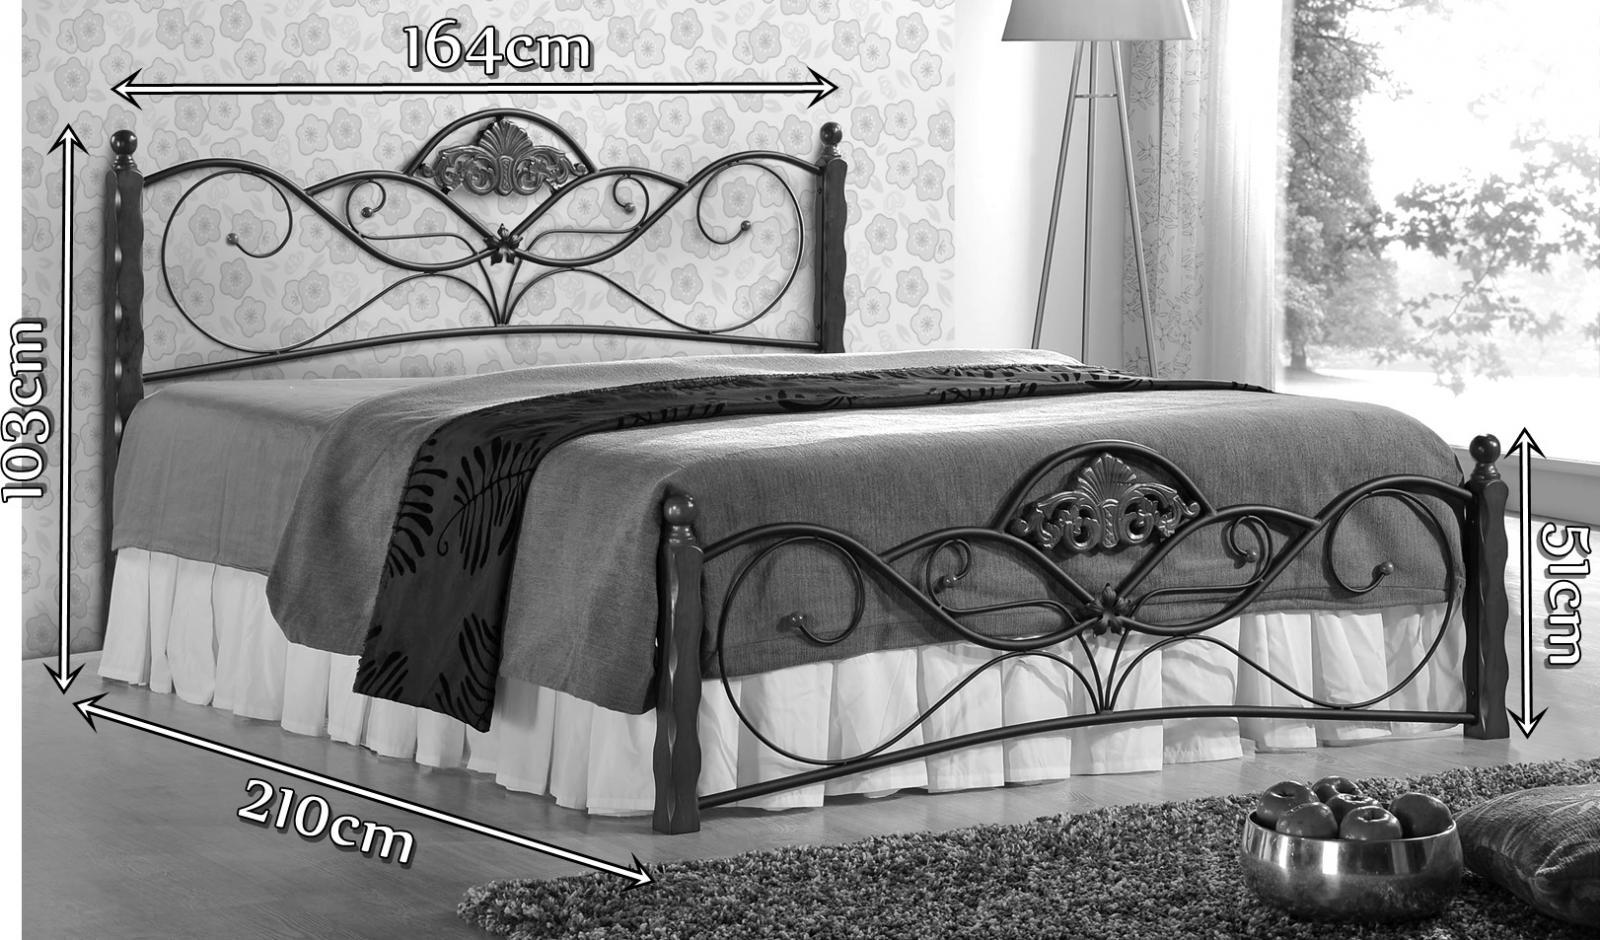 Łóżko Valentina 160cm wymiary